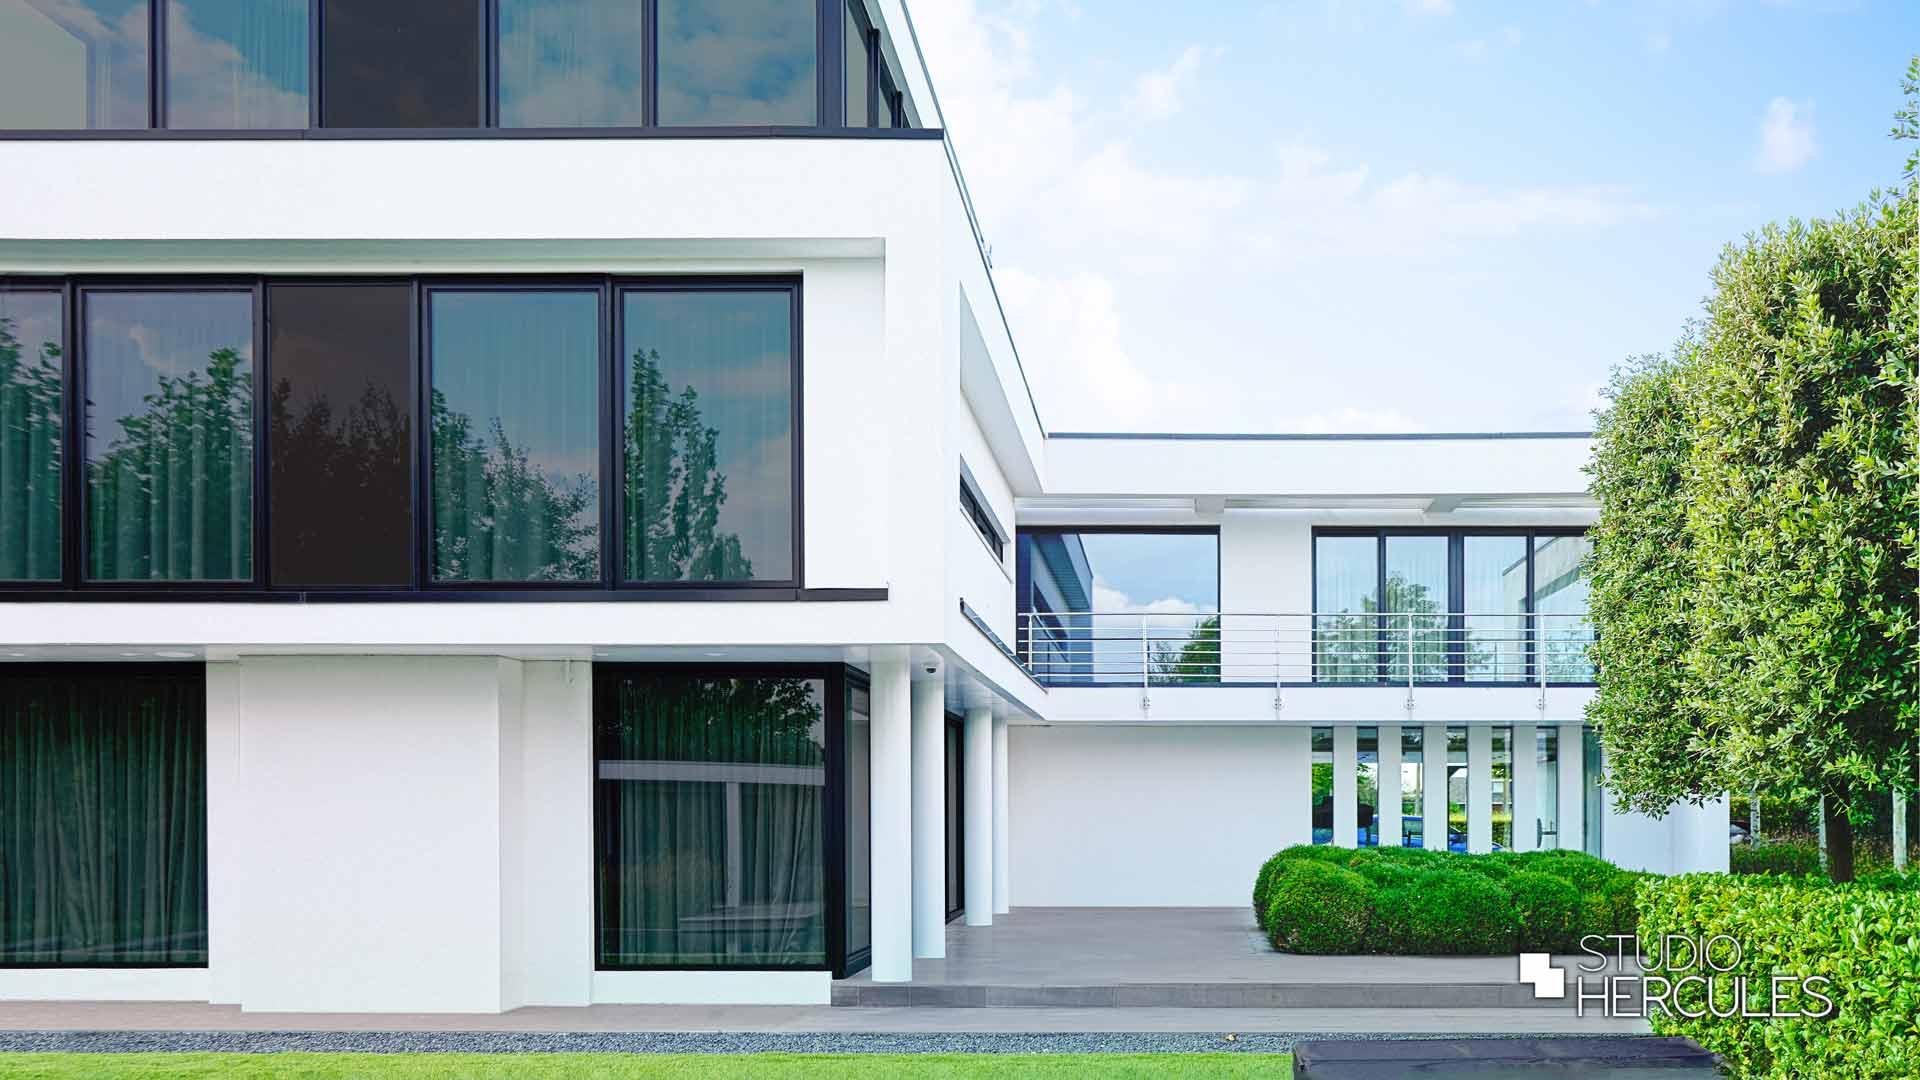 Witte villa in regio Amsterdam door architect Maarten Hercules